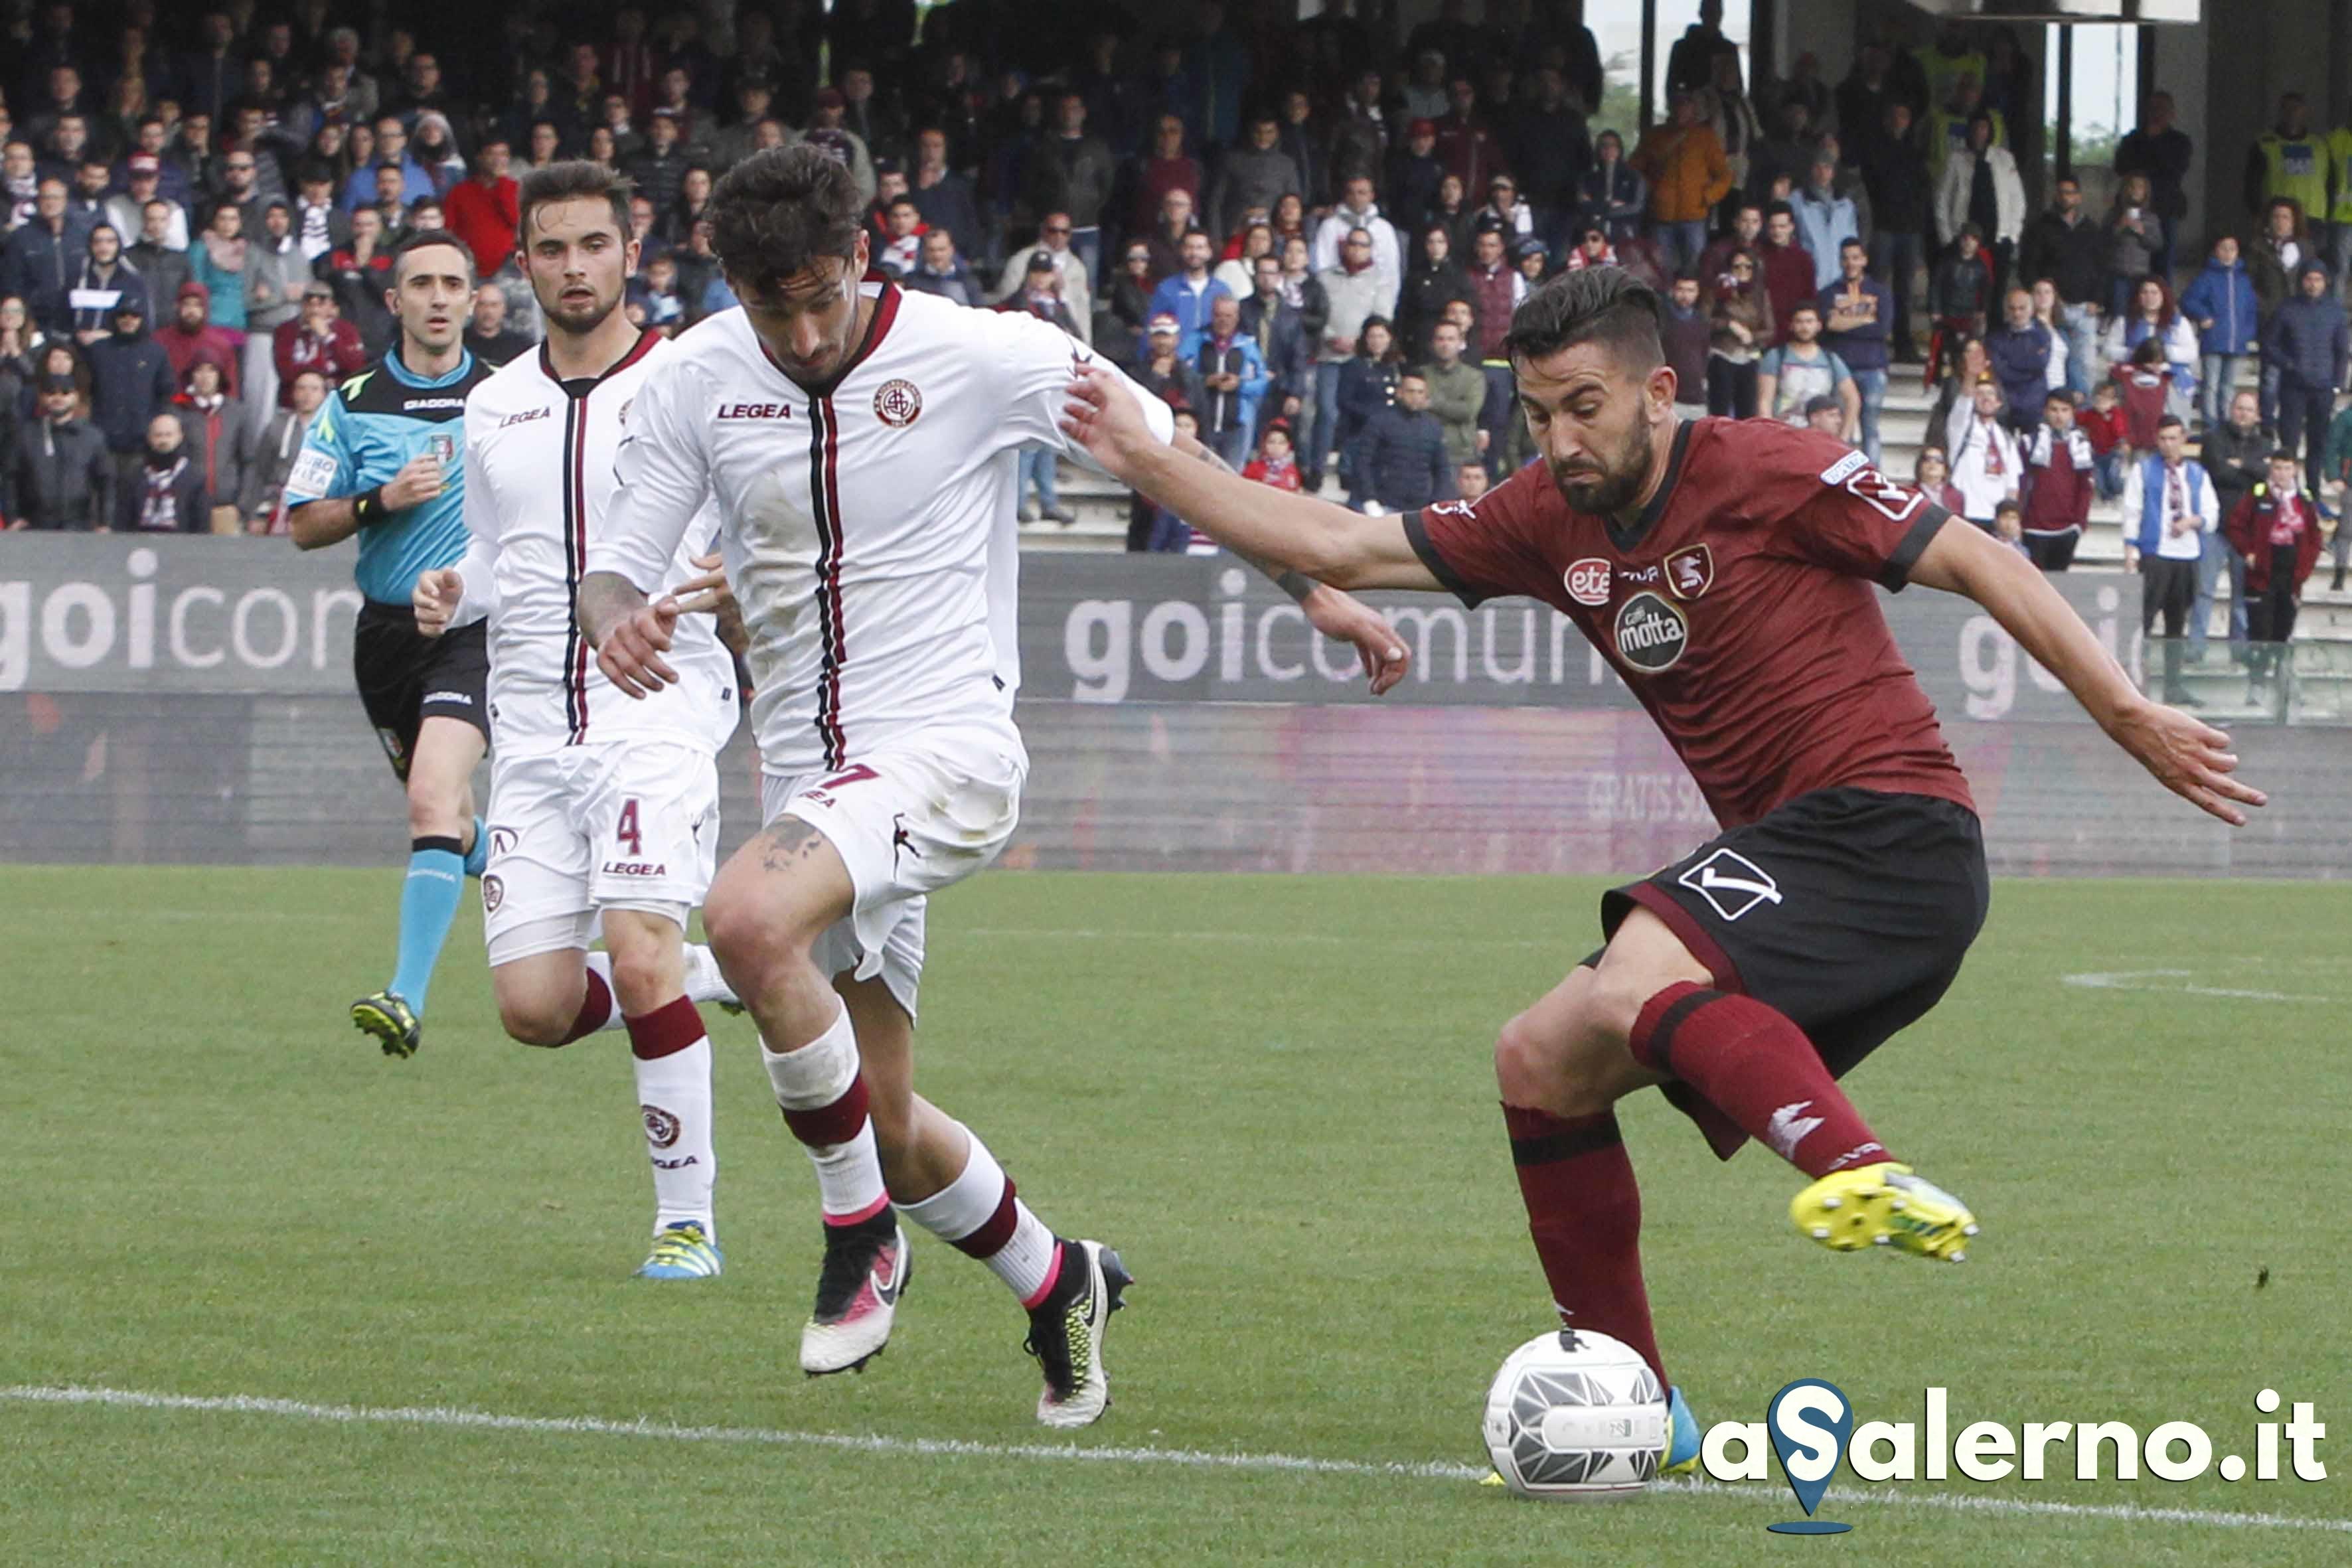 Salernitana - Livorno Campionato Serie B 2015-16